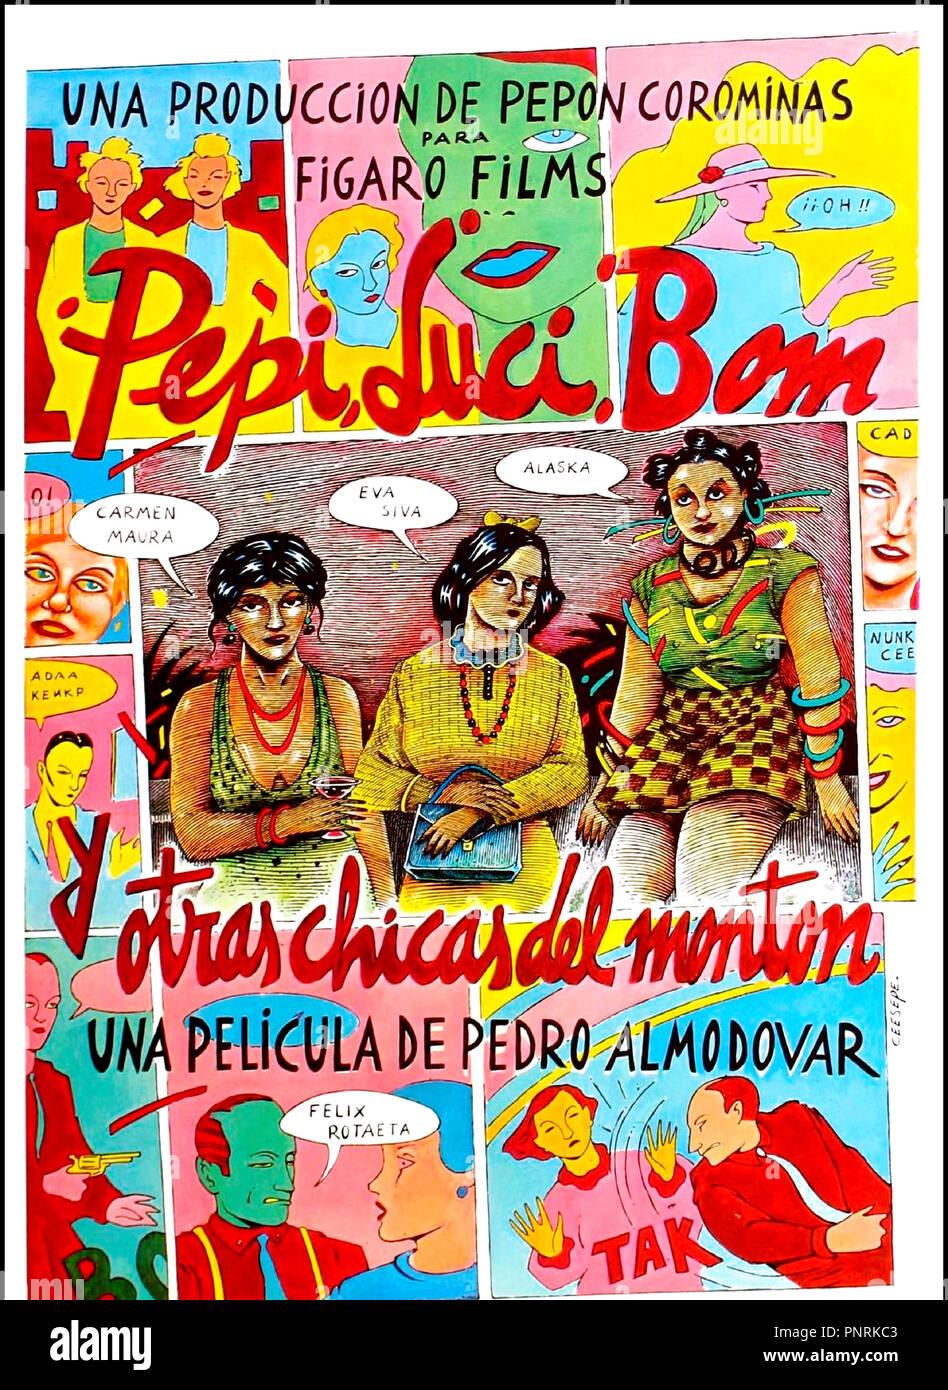 Pepi, Luci, Bom Y Otras Chicas Del Monton